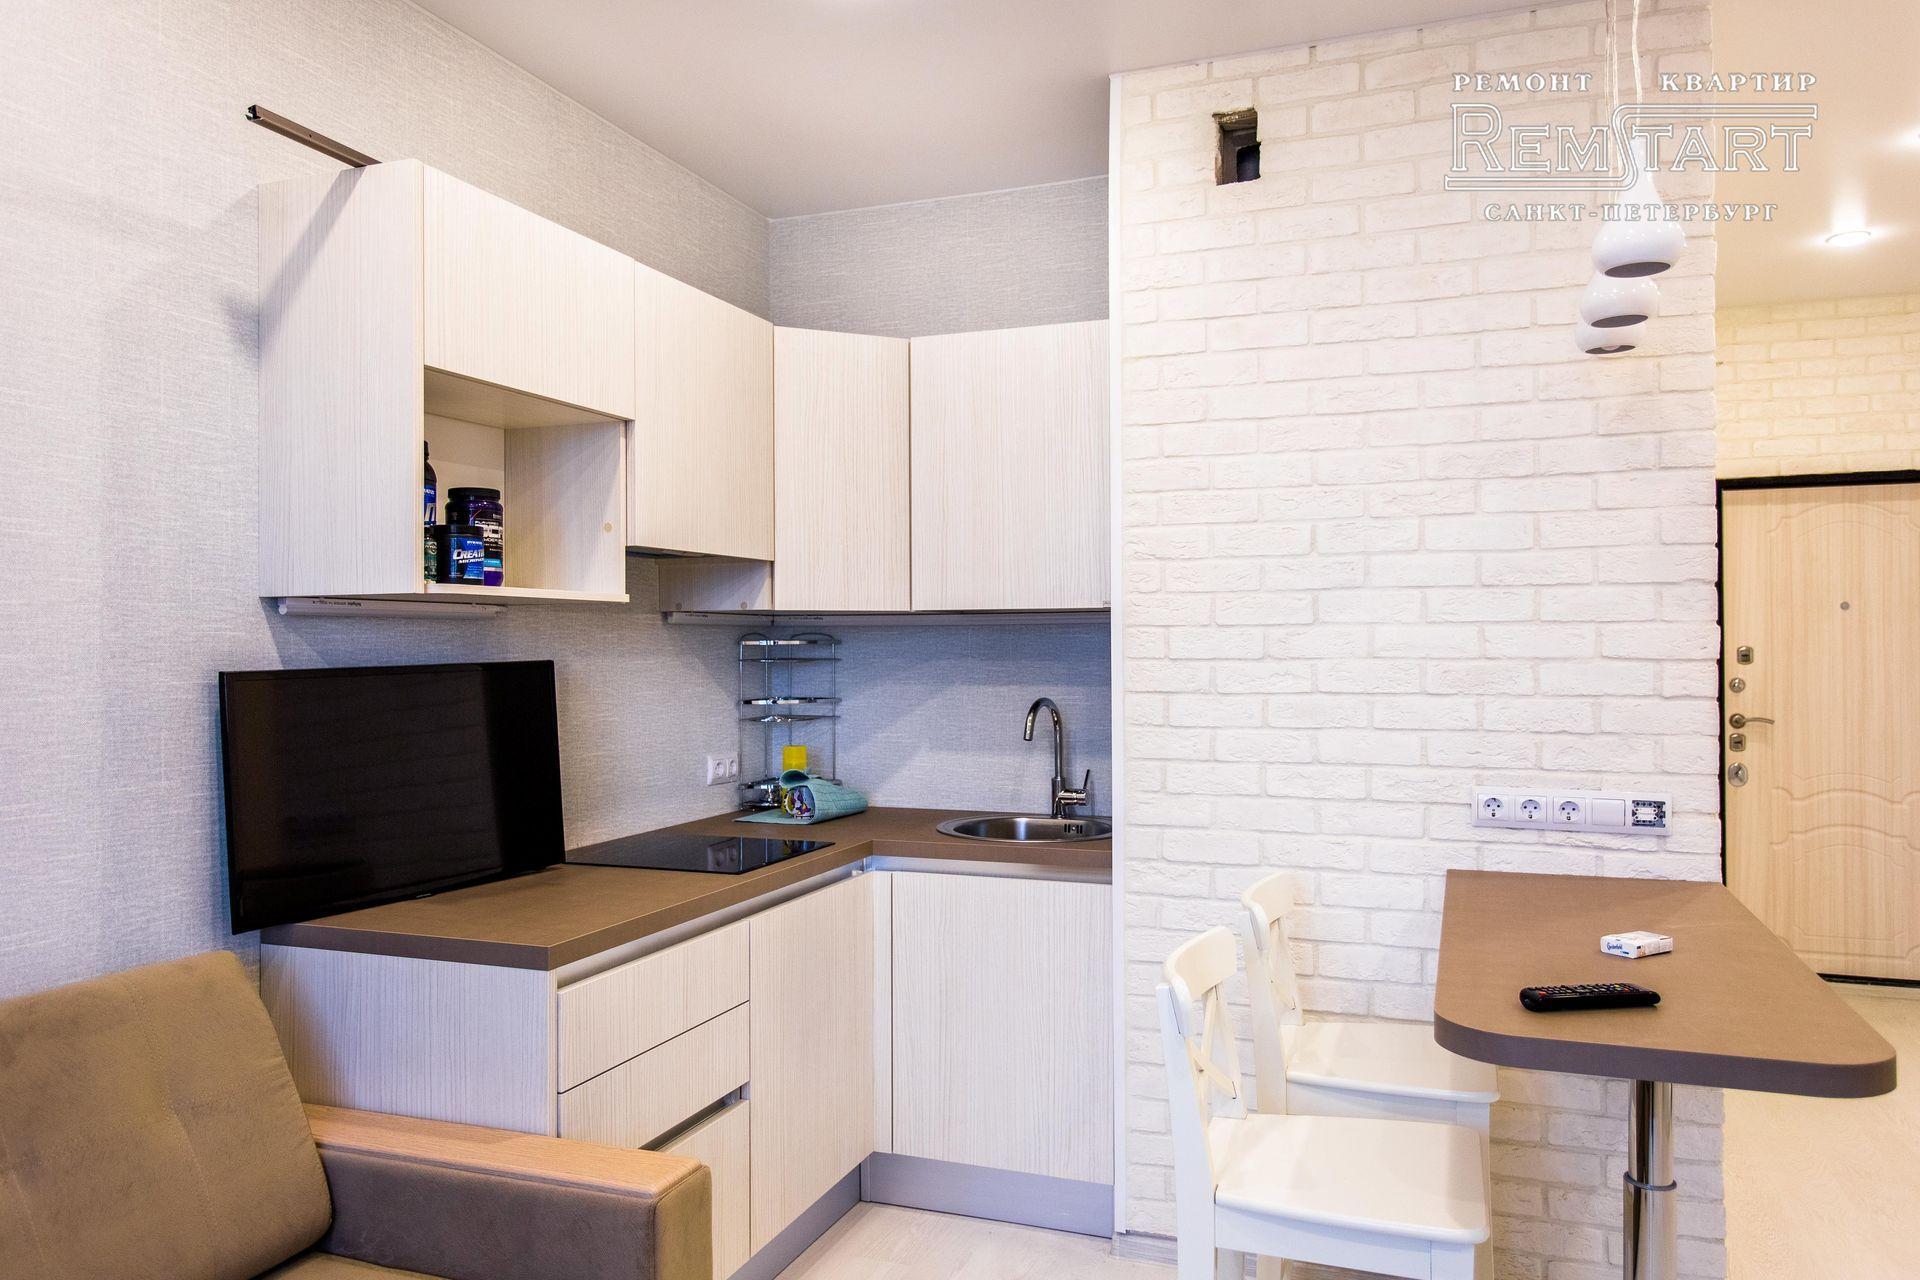 Картинки по запросу ремонт квартир студий | Квартира ...